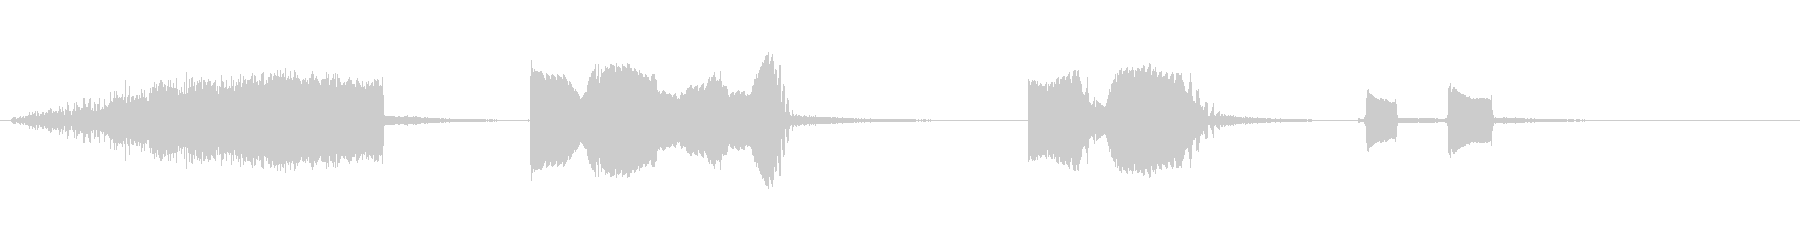 フォースターサウンド、SCI FI...の未再生の波形